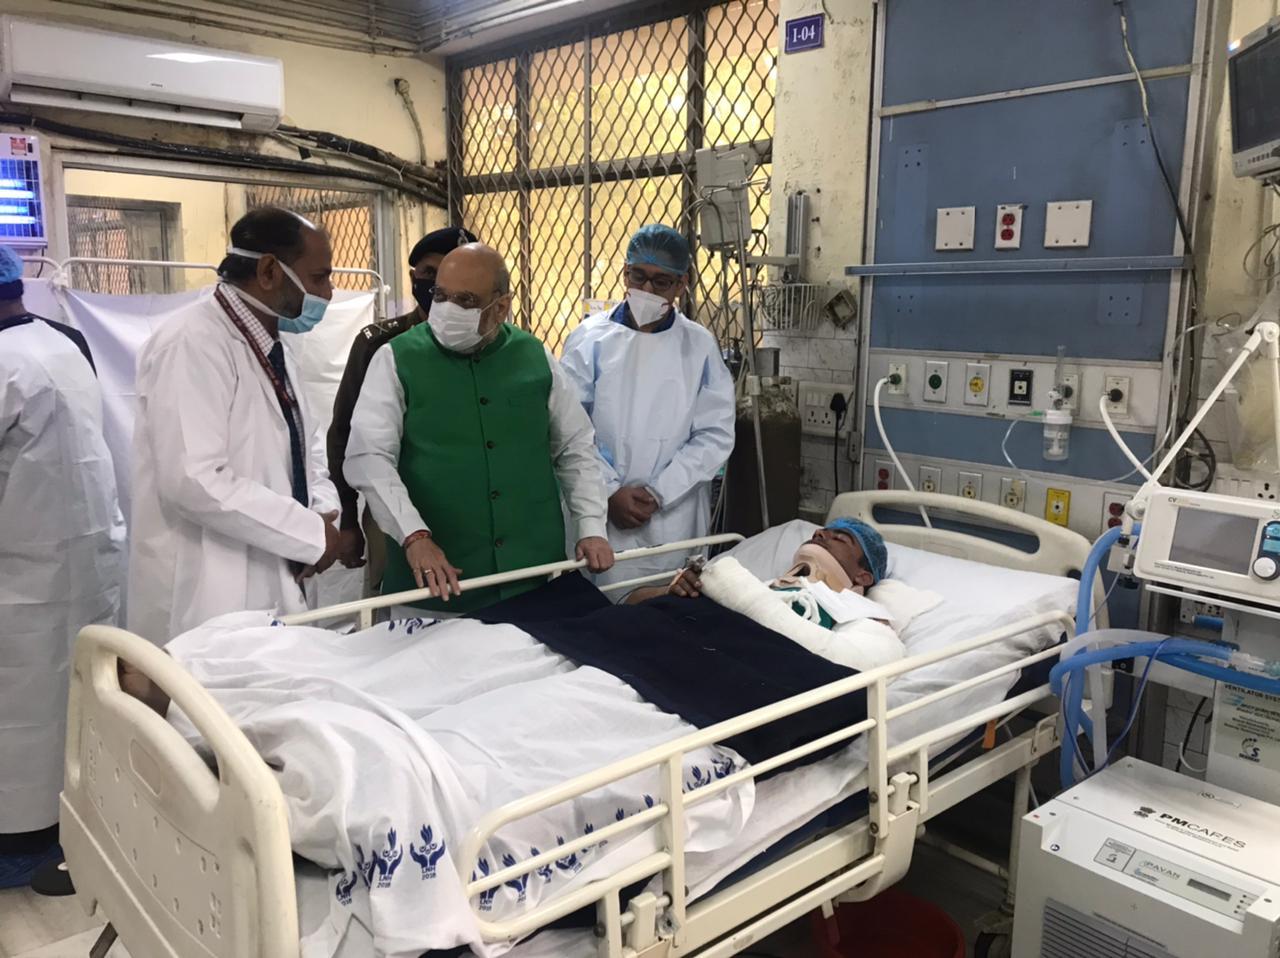 घायल पुलिसवालों से गृहमंत्री अमित शाह ने की अस्पताल में मुलाकात